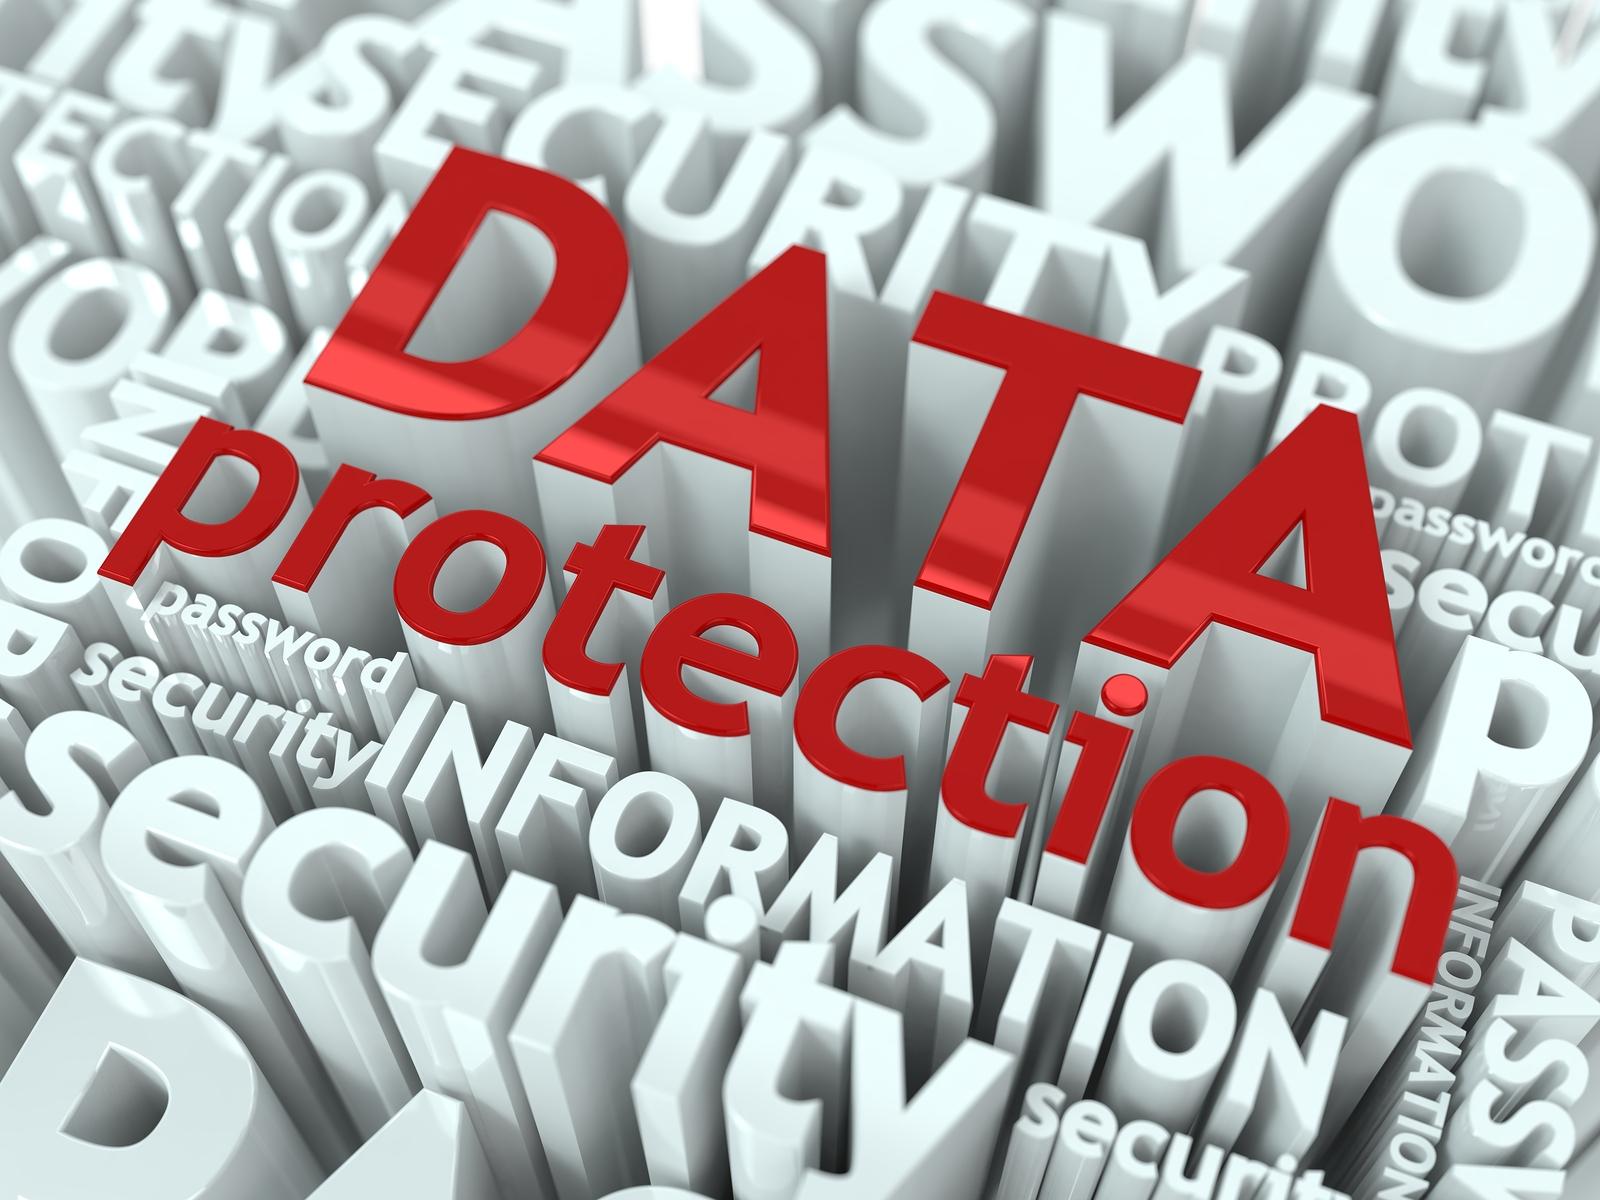 IDIT-იმ პერსონალური მონაცემების თაღლითური გზით მოპოვებასთან დაკავშირებით ინფორმაცია მოიპოვა